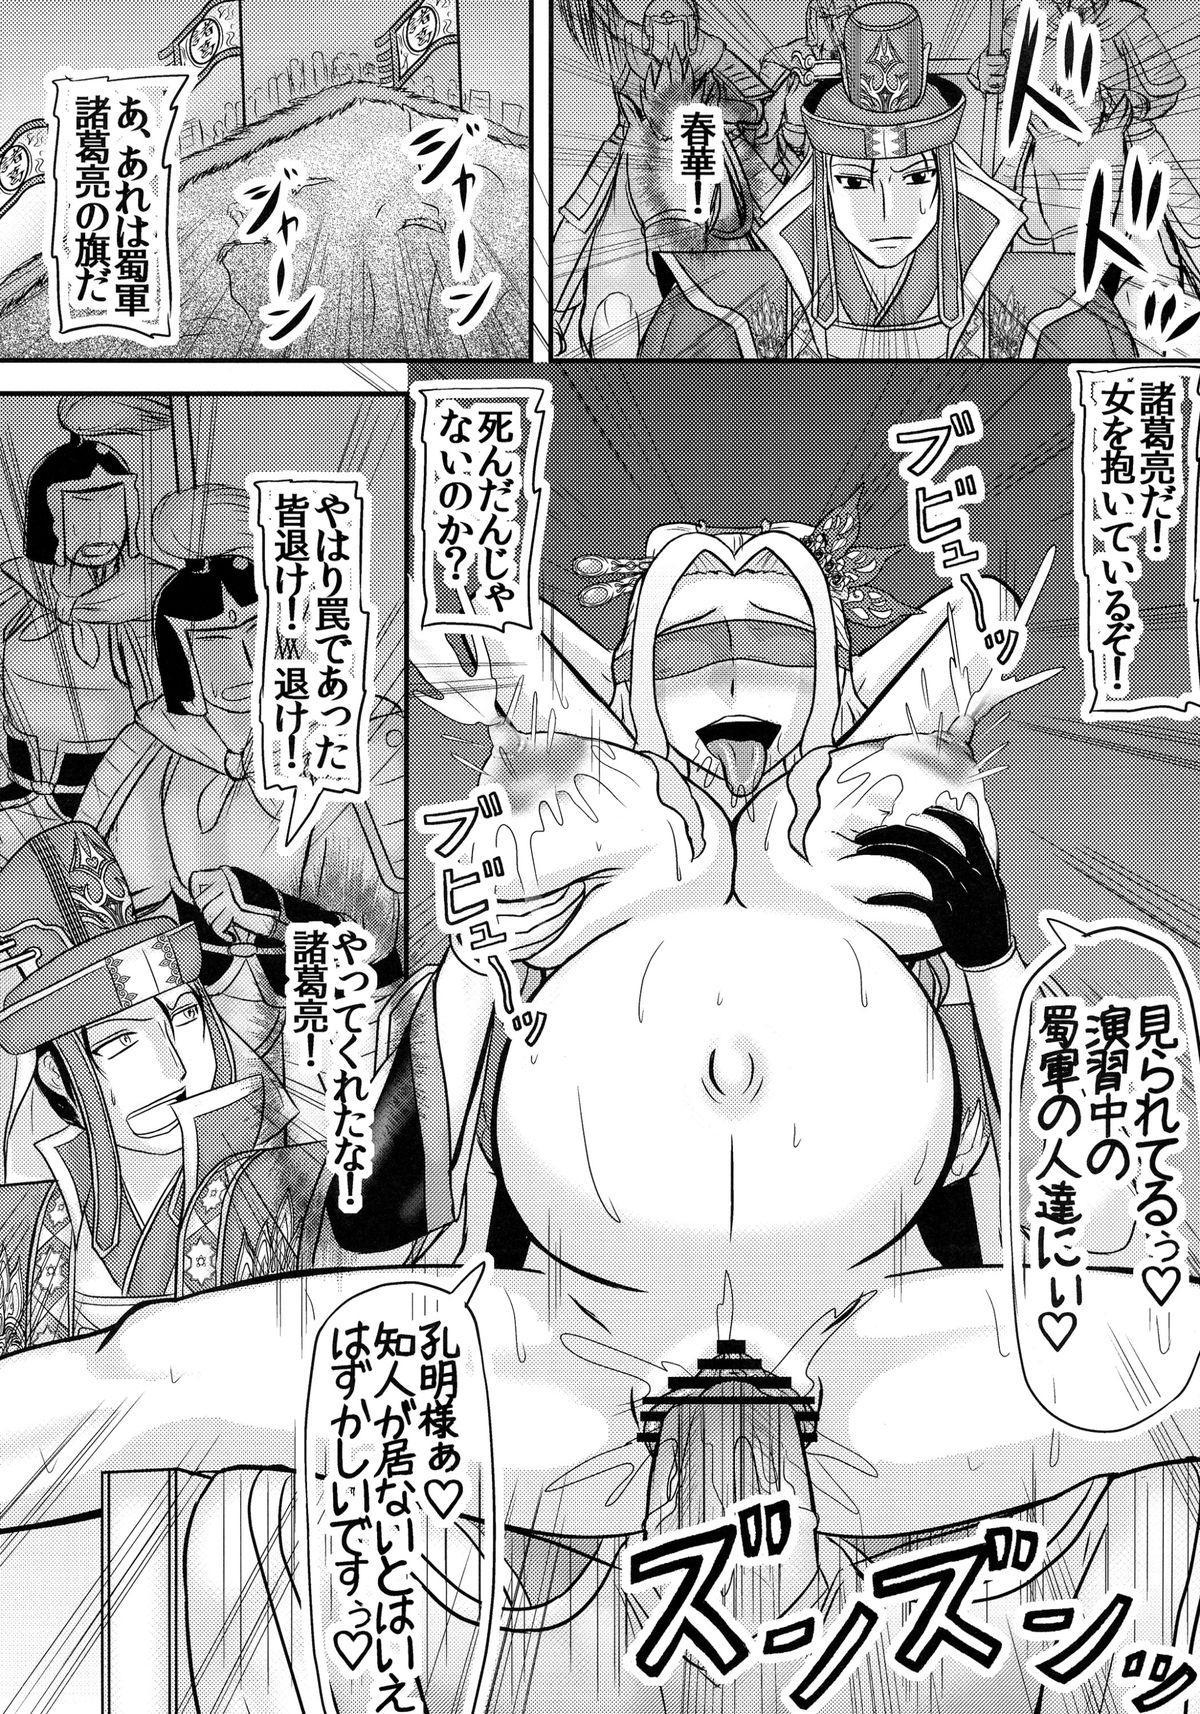 Shukuteki no ko wo Haramu Aisai 20